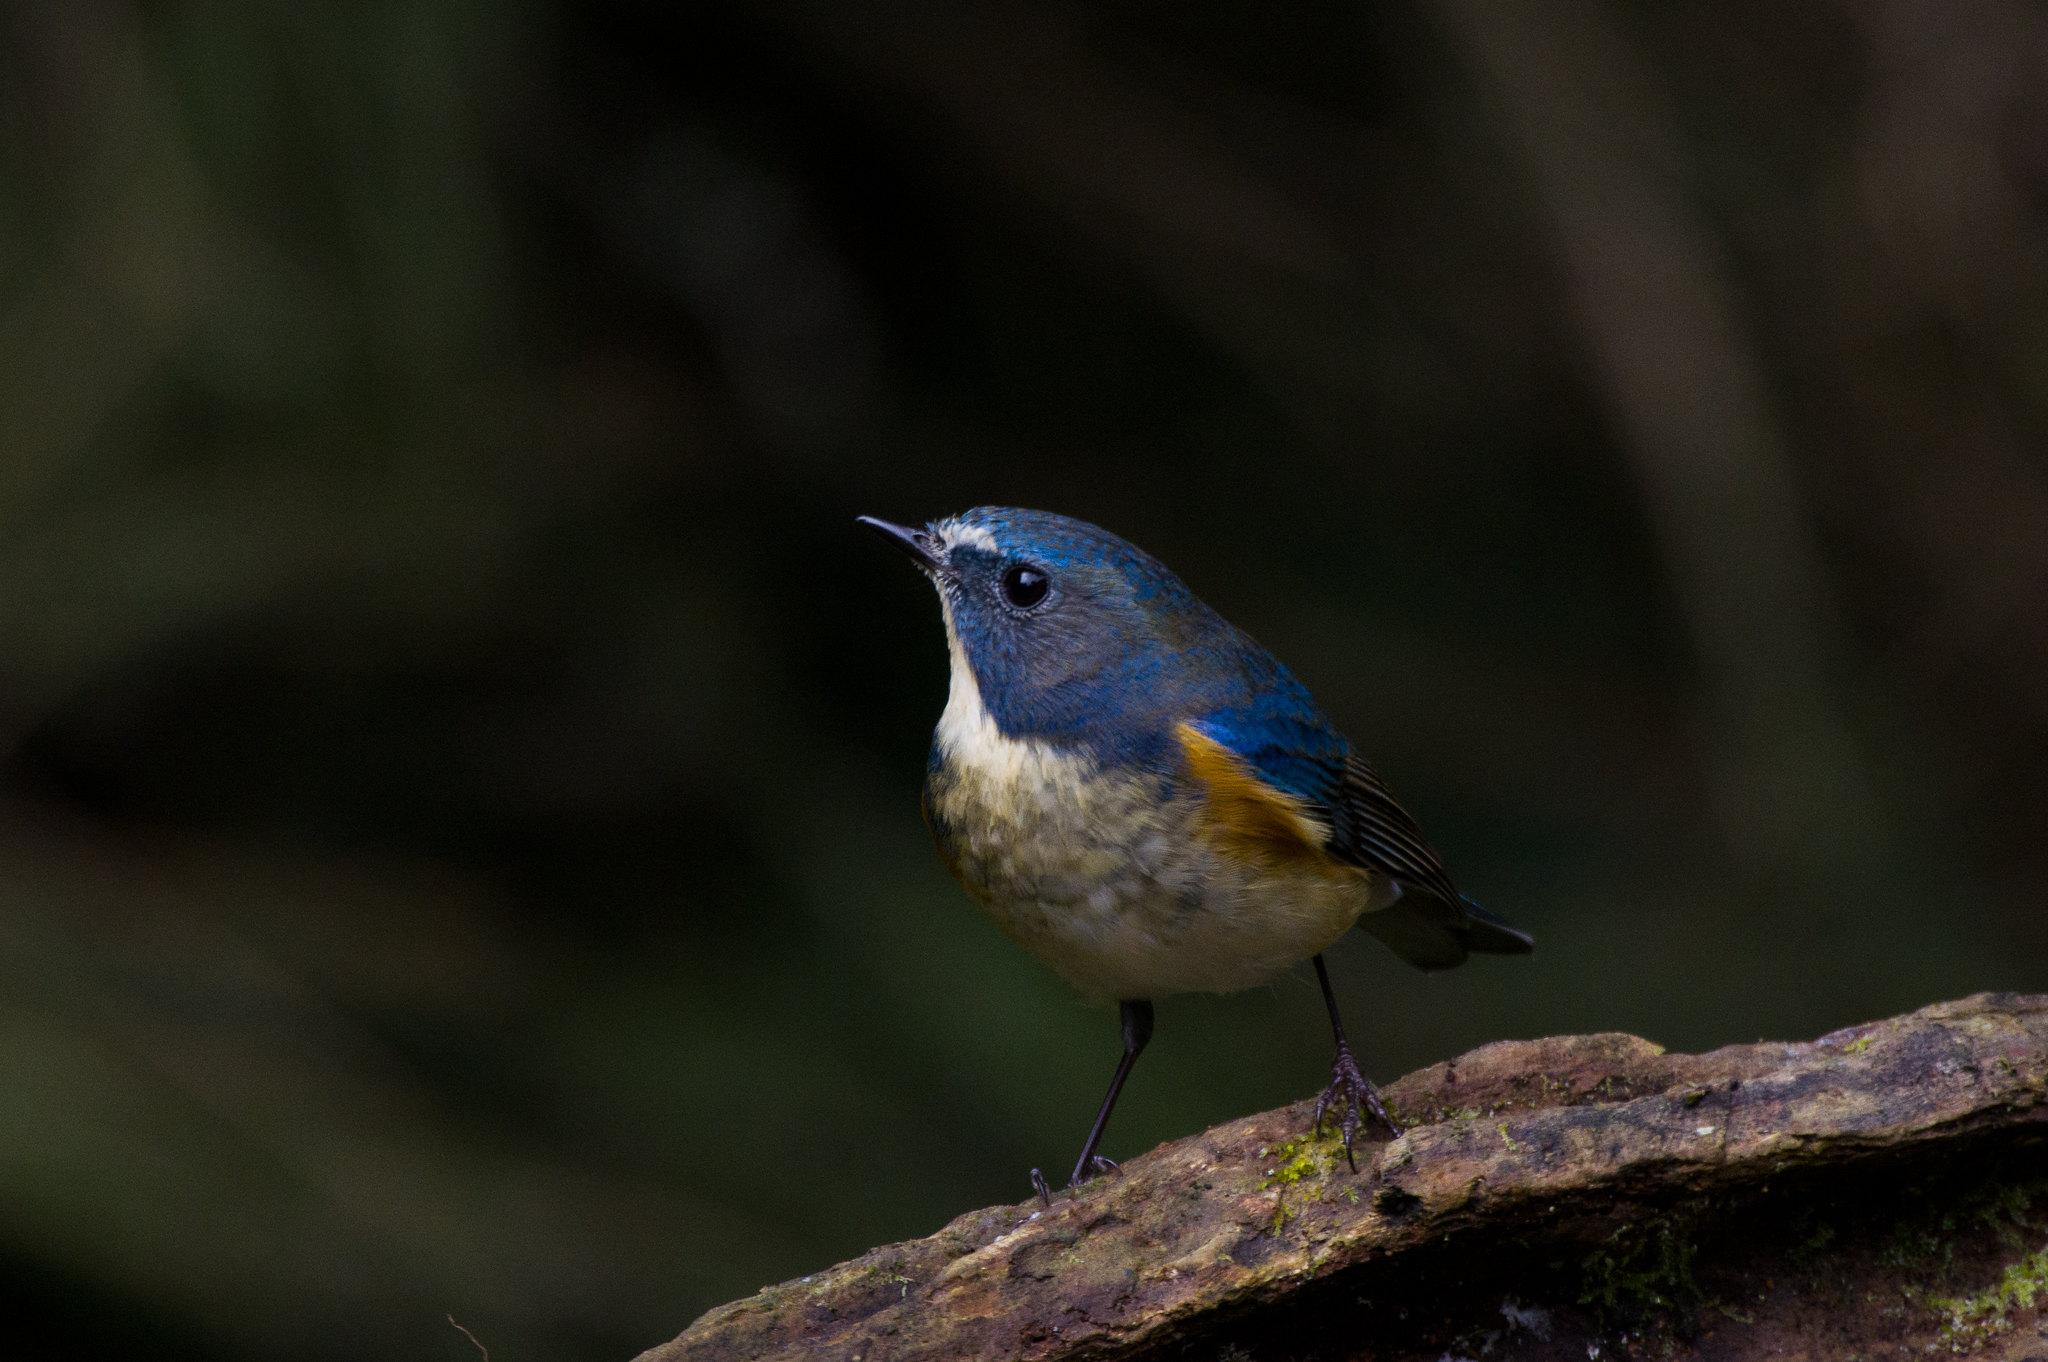 藍尾鴝暗黑背景版